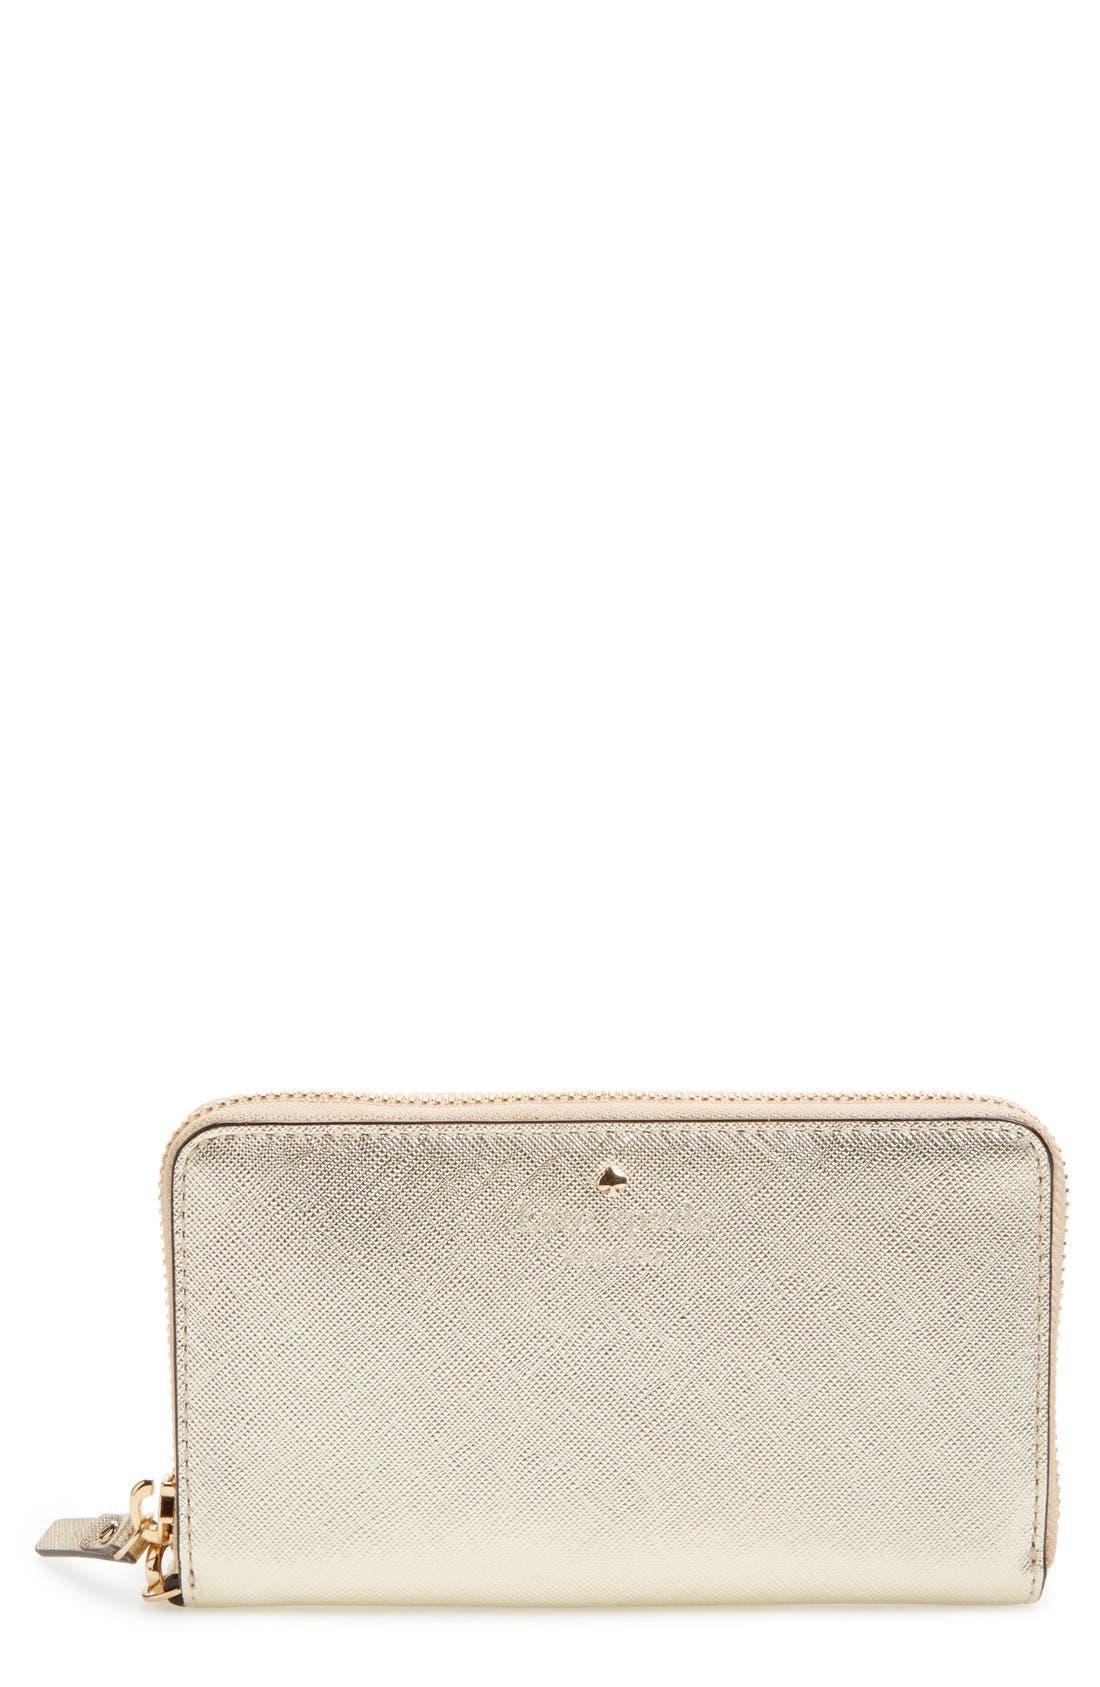 'cedar street - jordie' zip around leather wallet,                             Main thumbnail 1, color,                             710